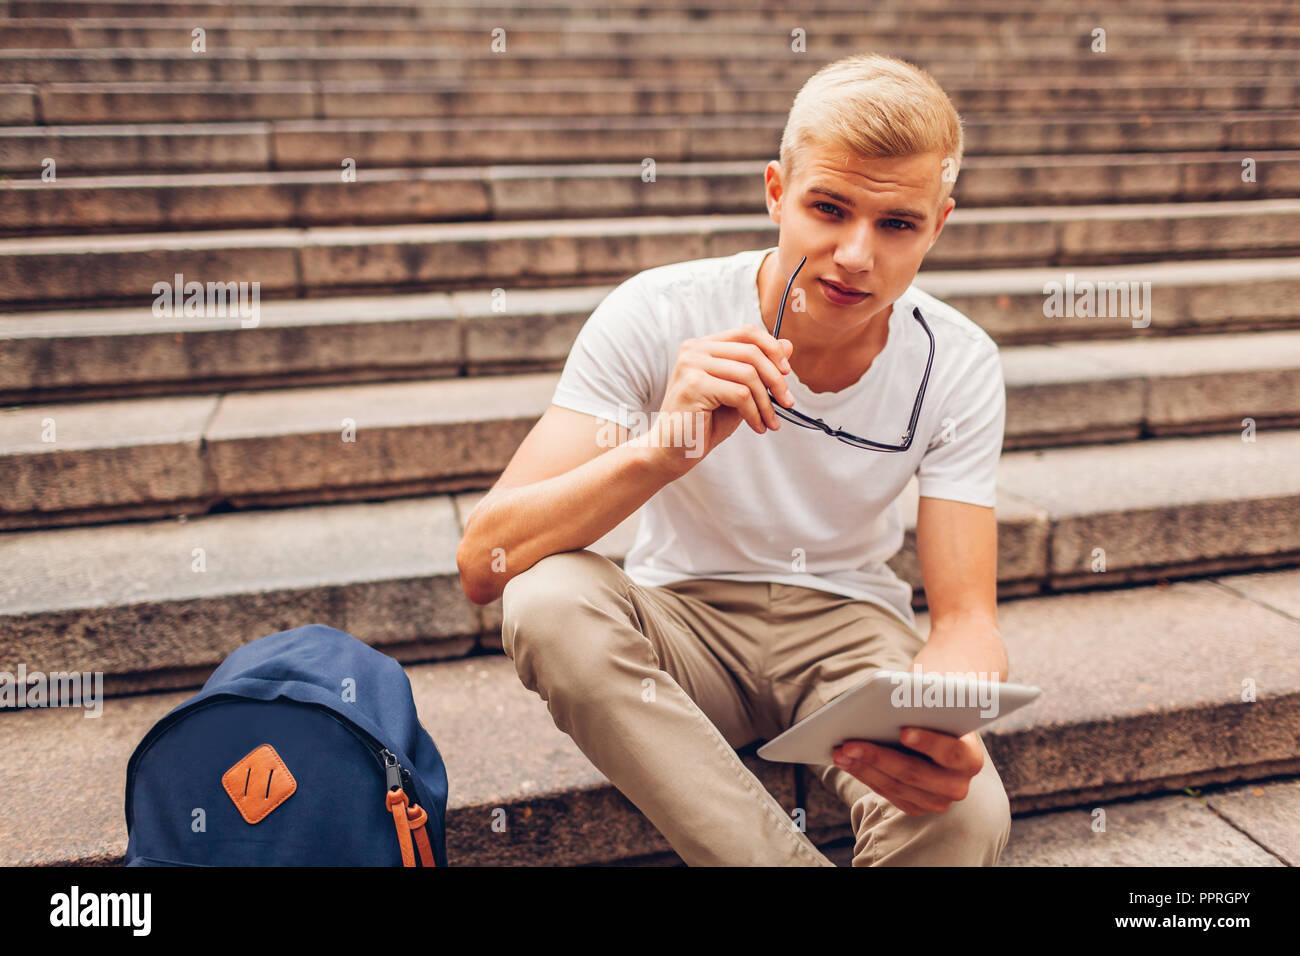 Studente di college con zaino utilizzando tablet seduti sulle scale e tenendo gli occhiali. Guy studiare all'esterno. Il concetto di istruzione Immagini Stock